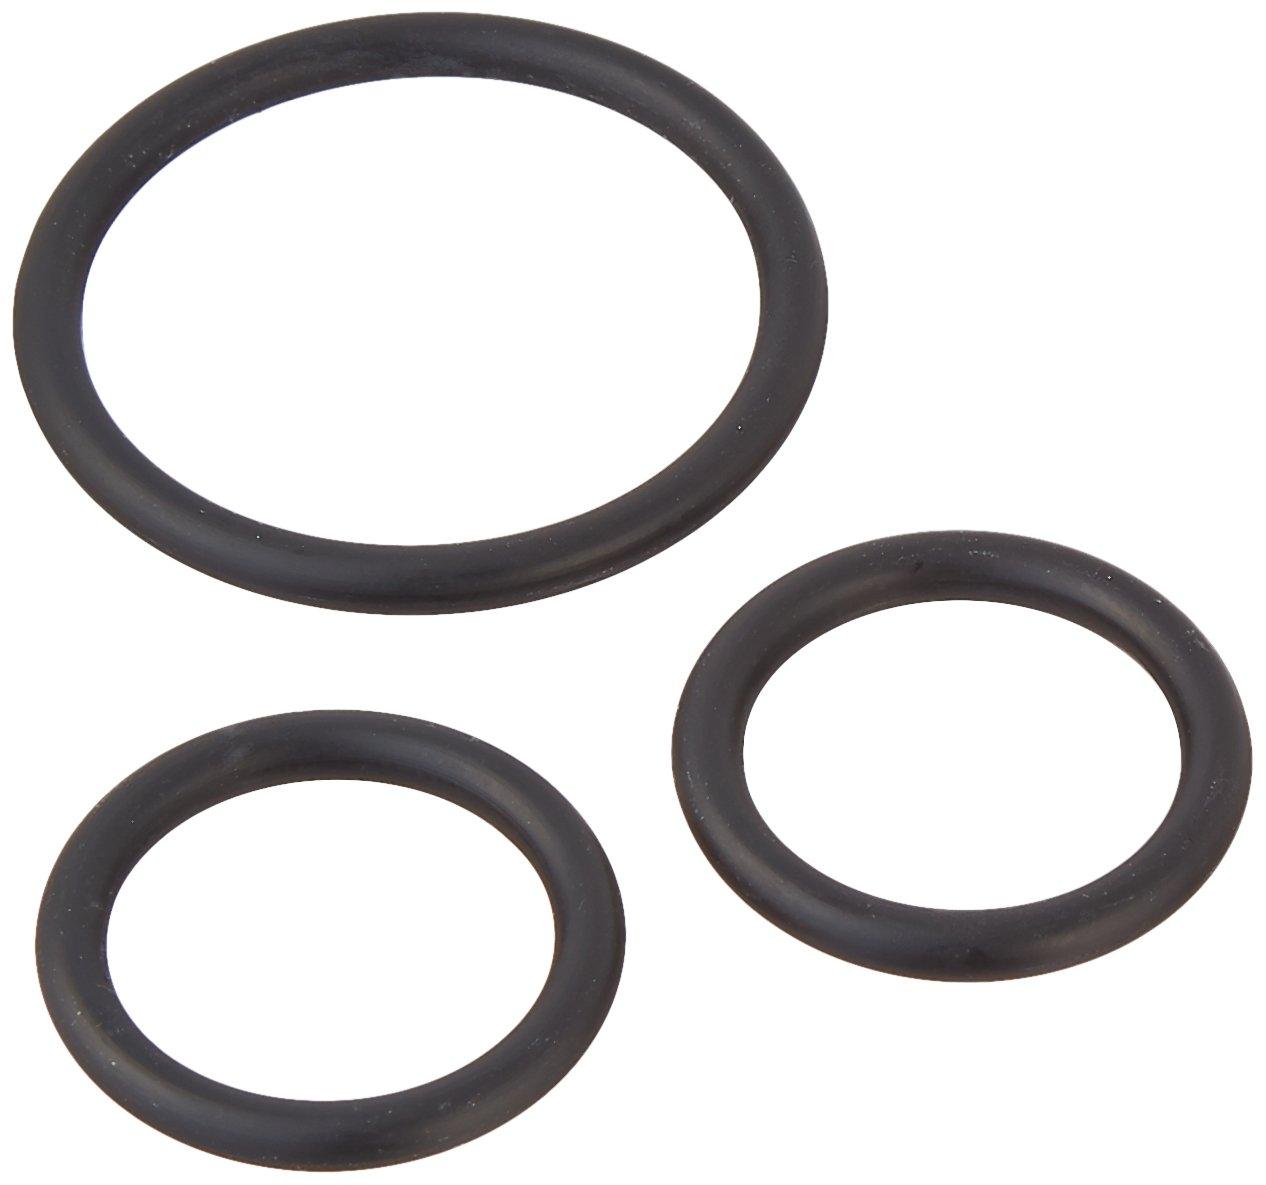 Moen 96778 Spout O-Ring Kit